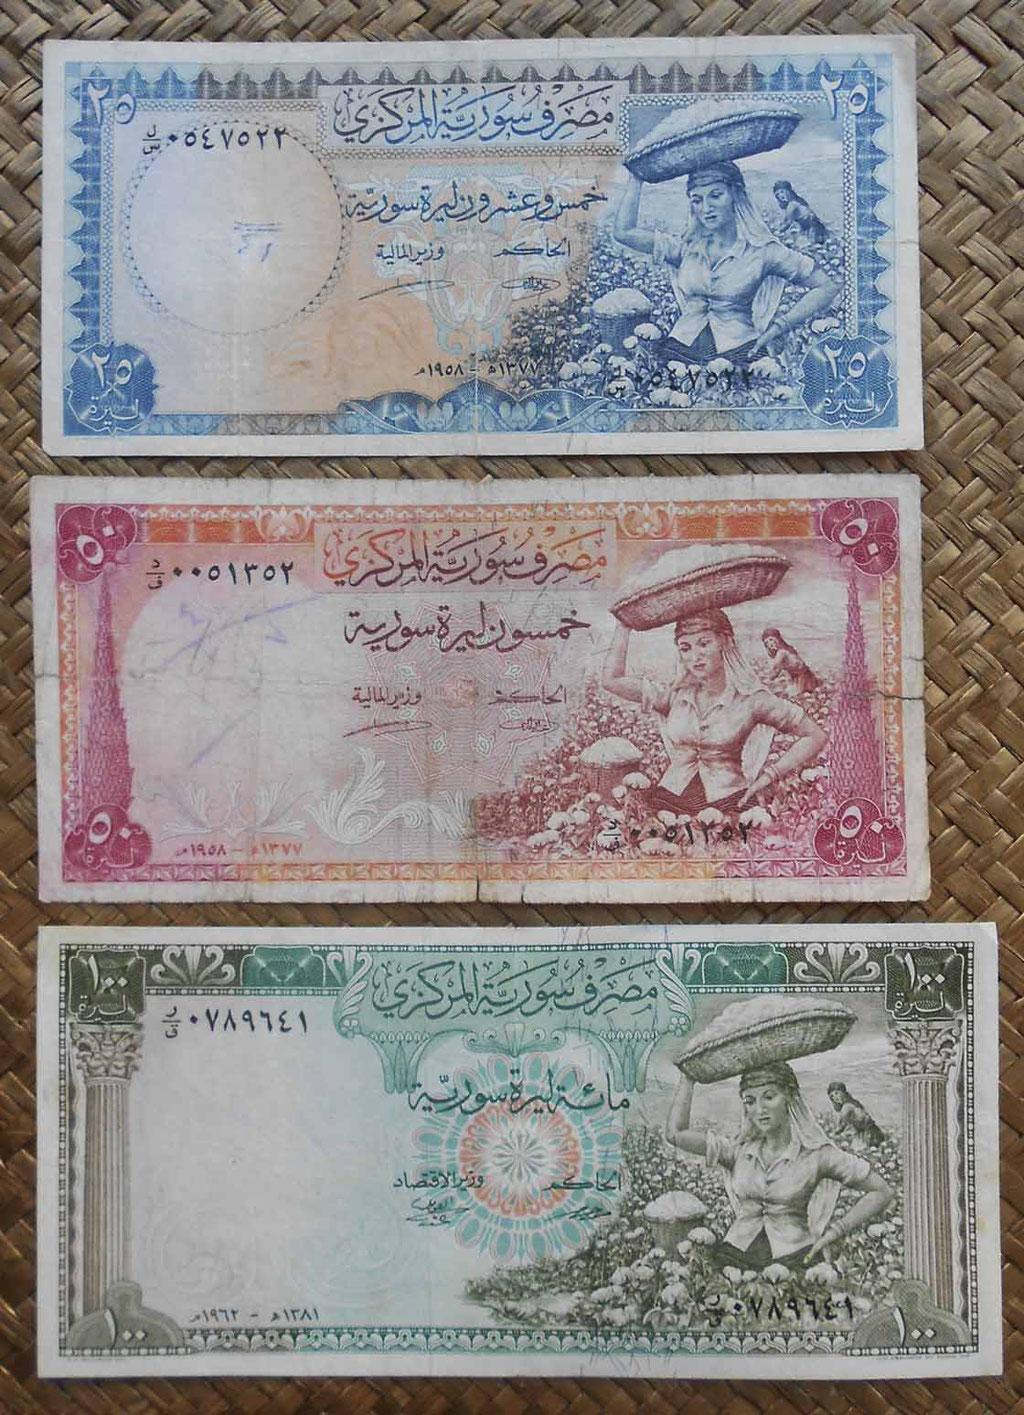 Siria pounds -Recolección algodón 1958-1962 anversos